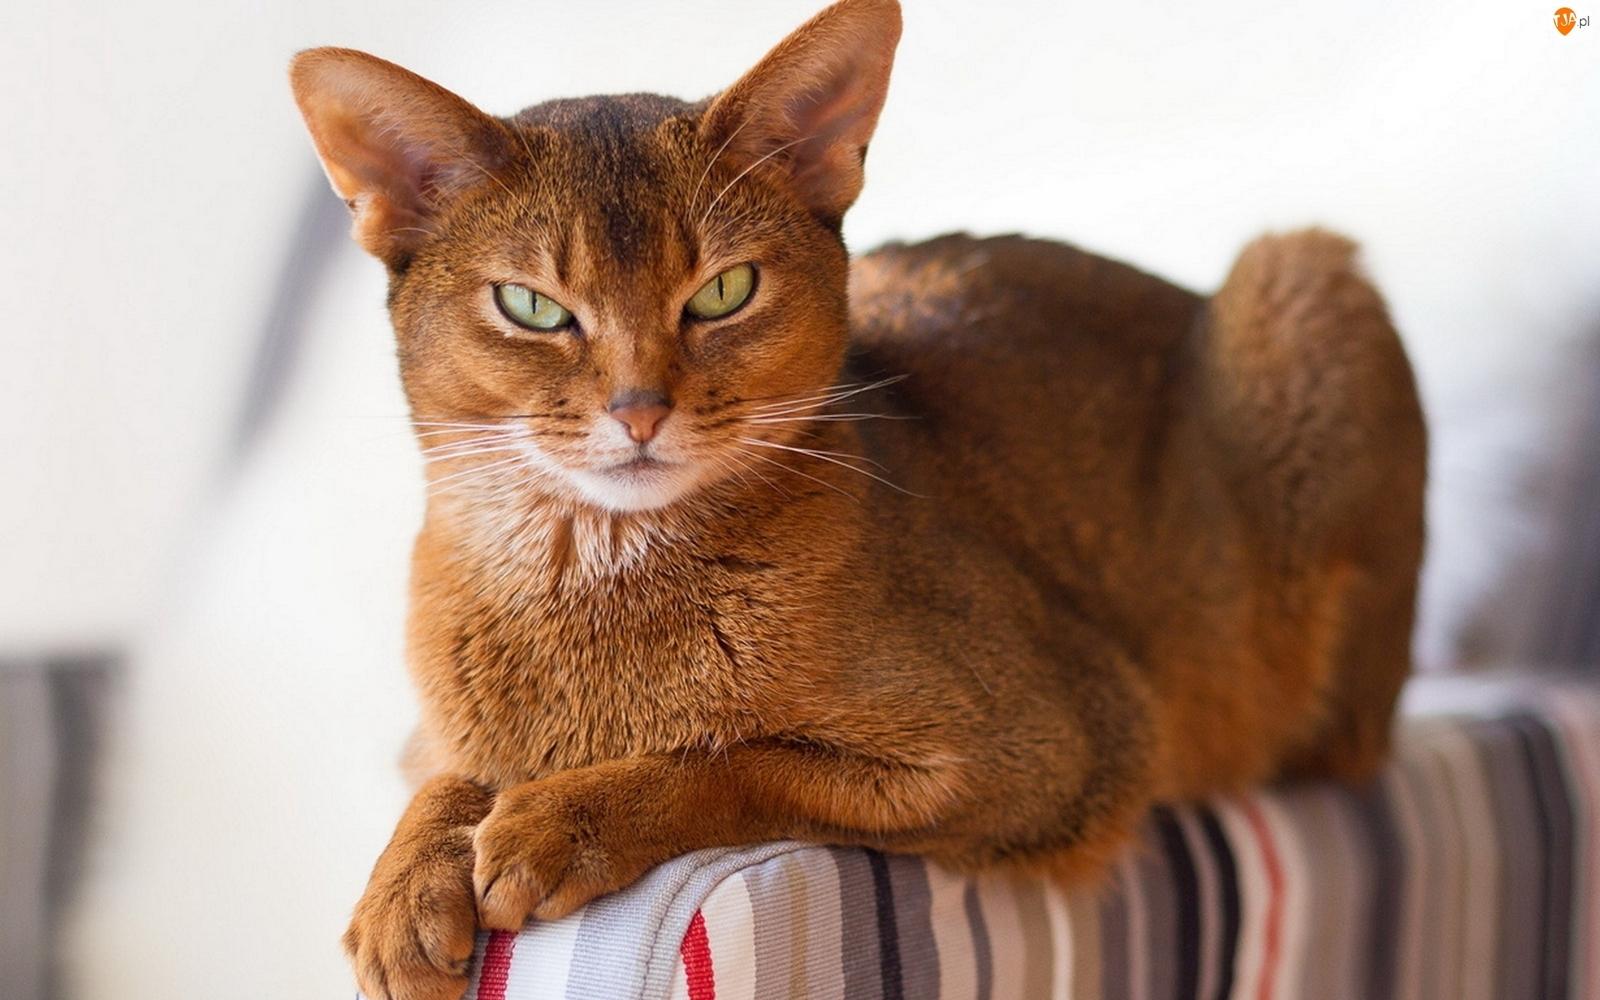 Самая красивая картинка кота